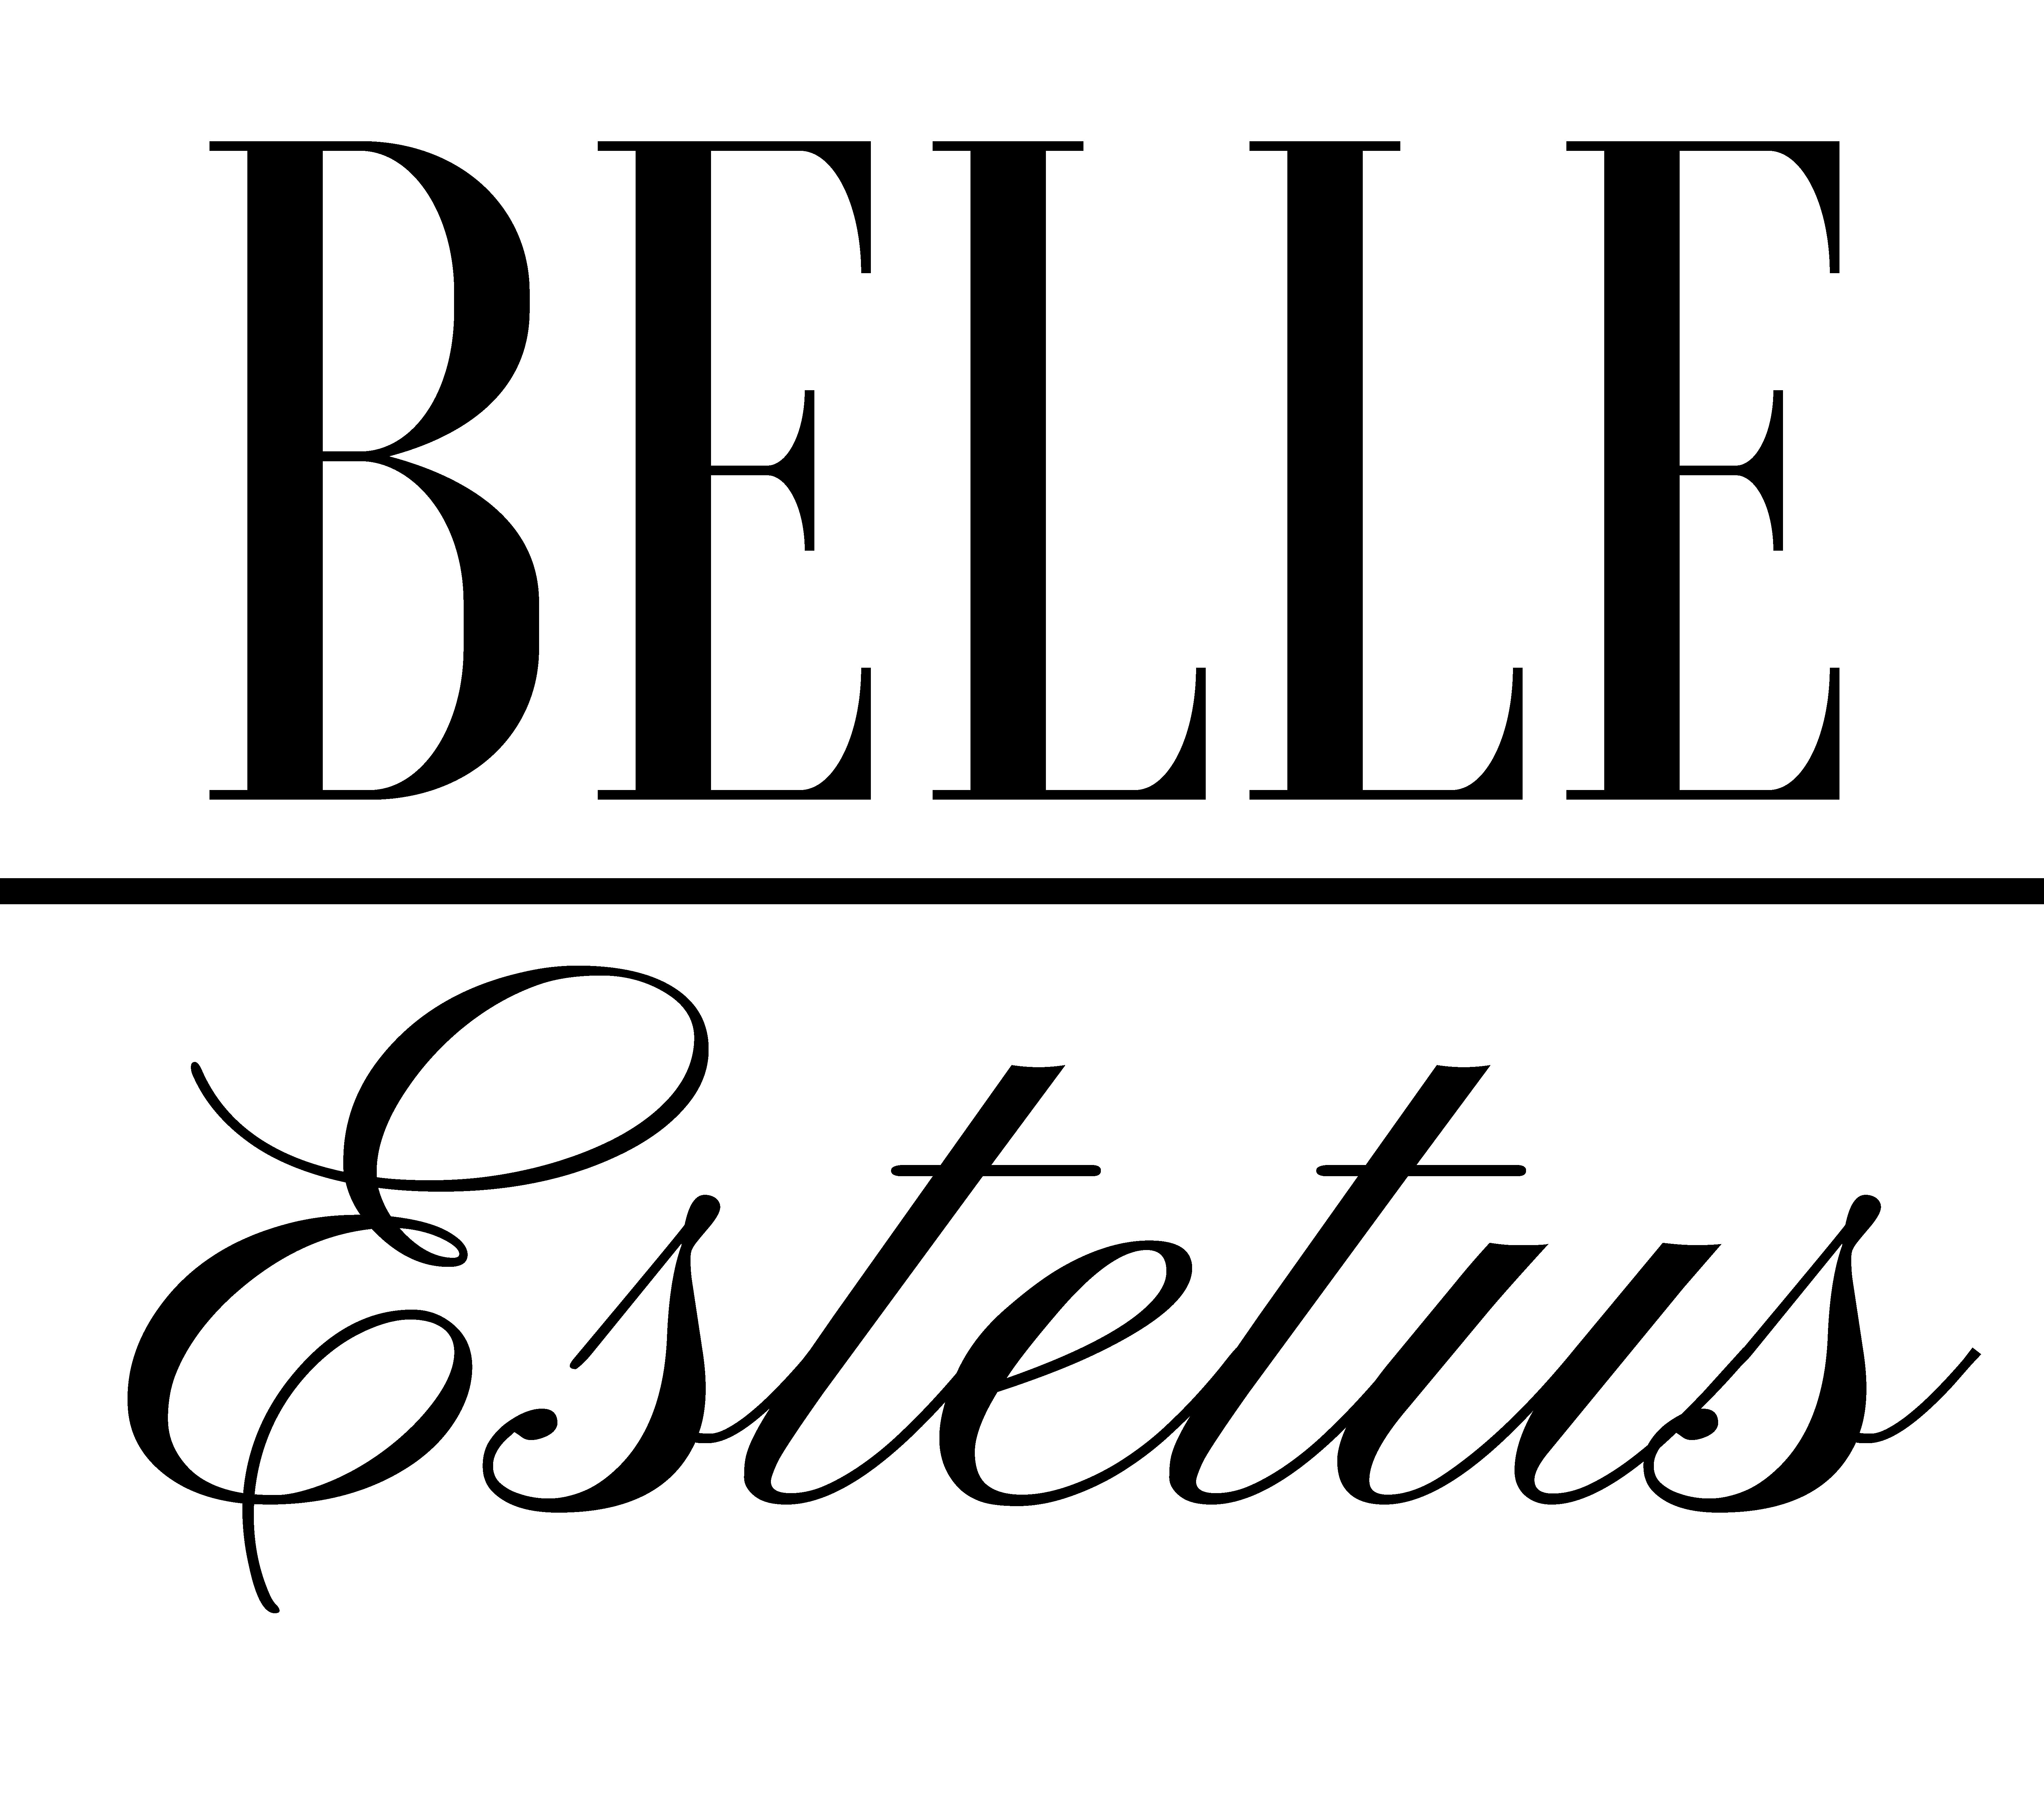 Belleestetus